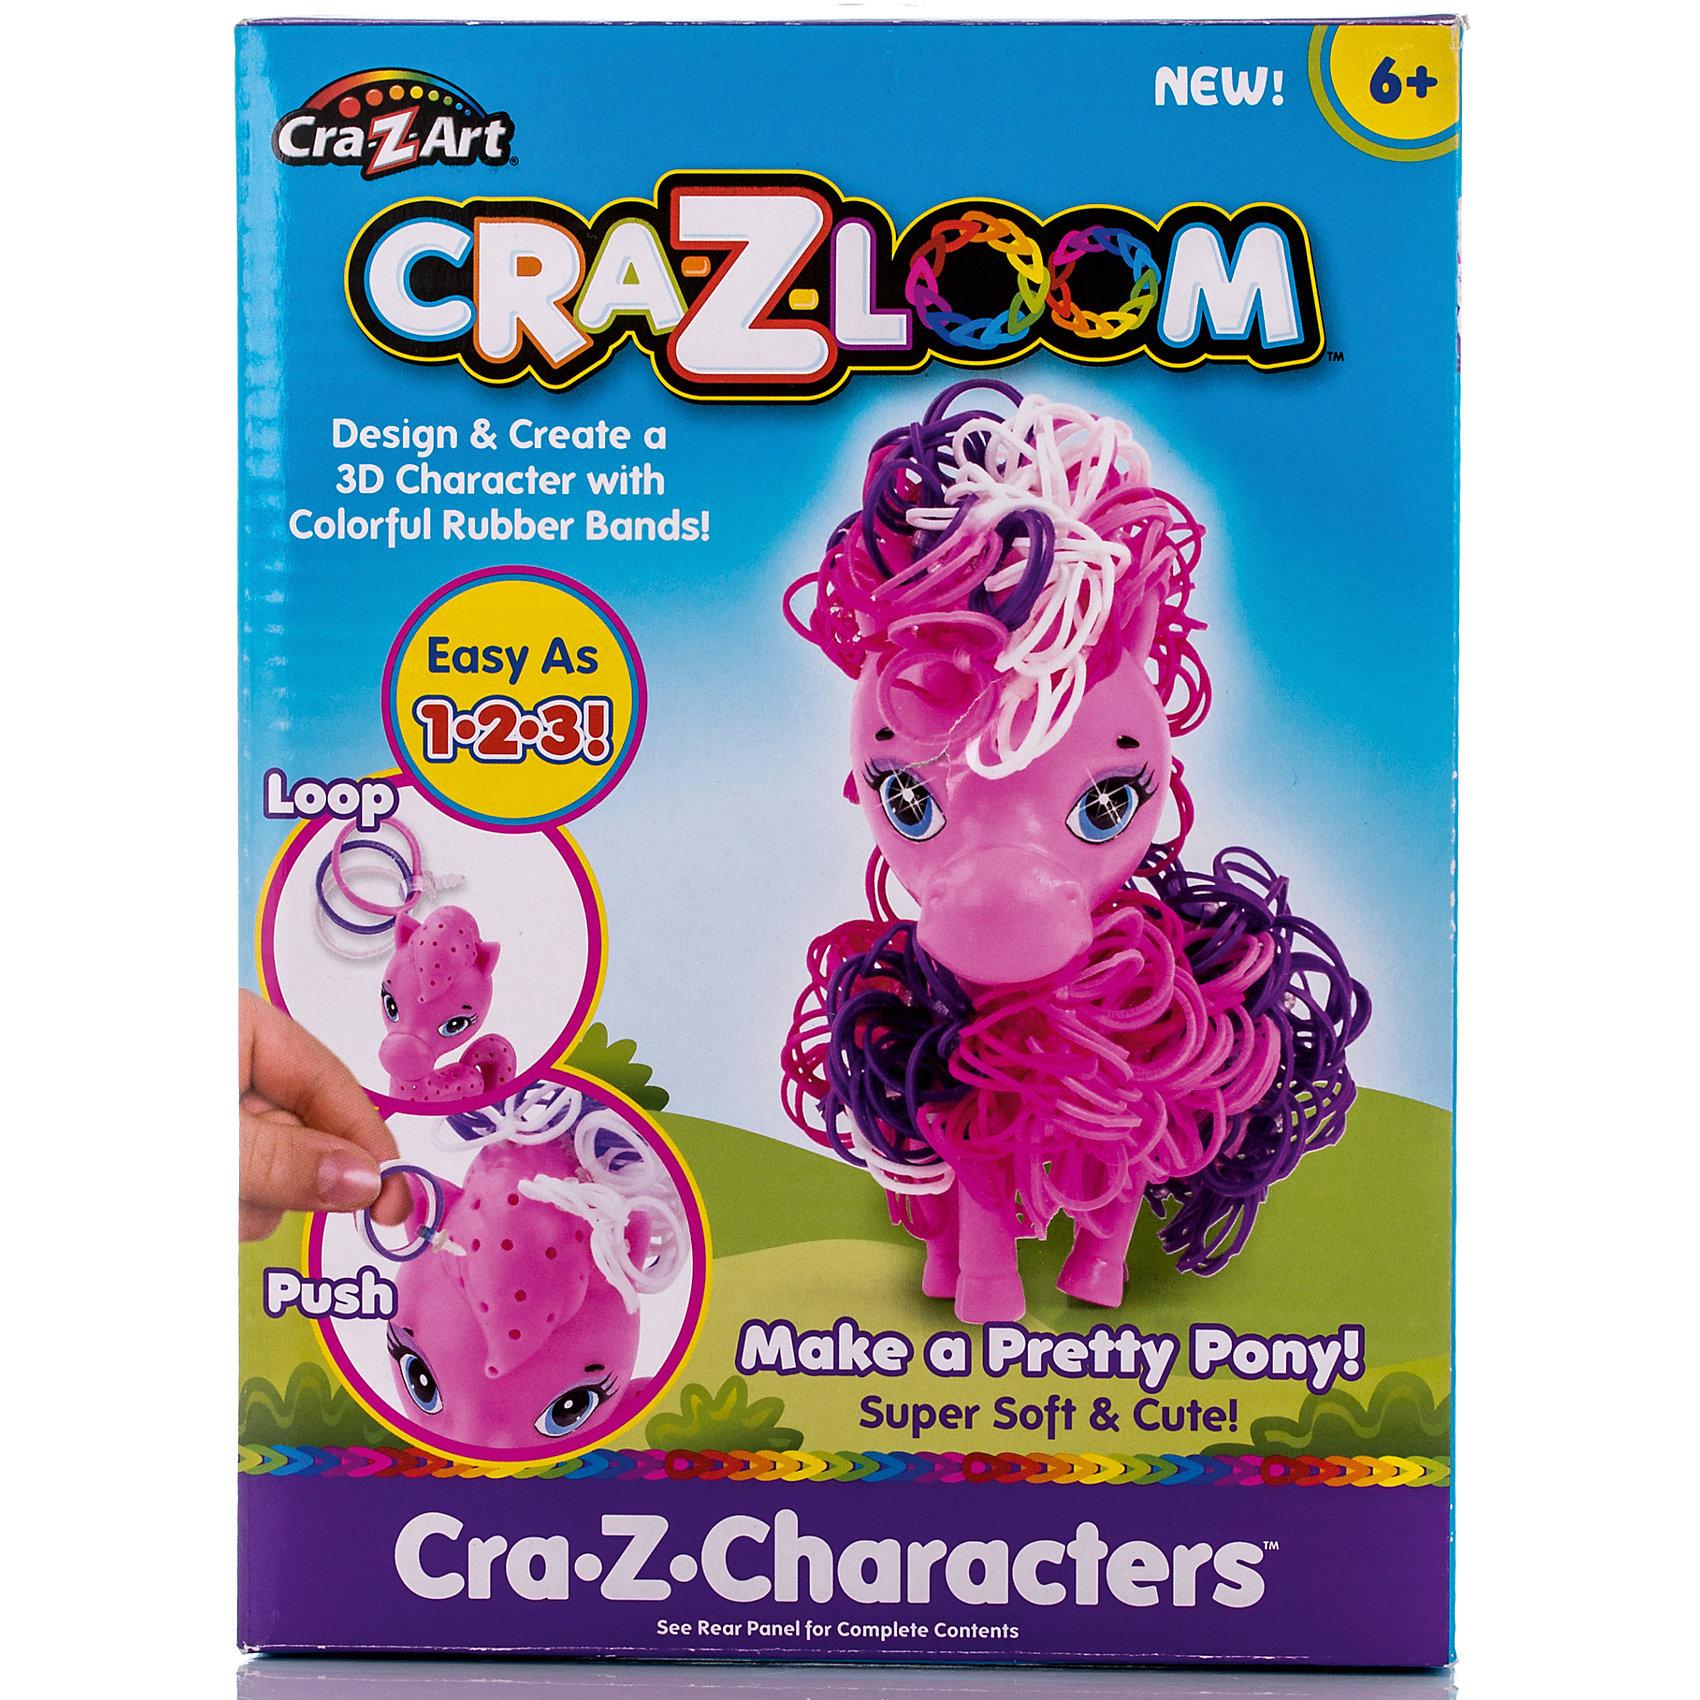 Crazy Loom Набор для плетения из резиночек Пони, Cra-Z-Loom с клипсы rainbow loom для плетения браслетов из резиночек rainbow loom